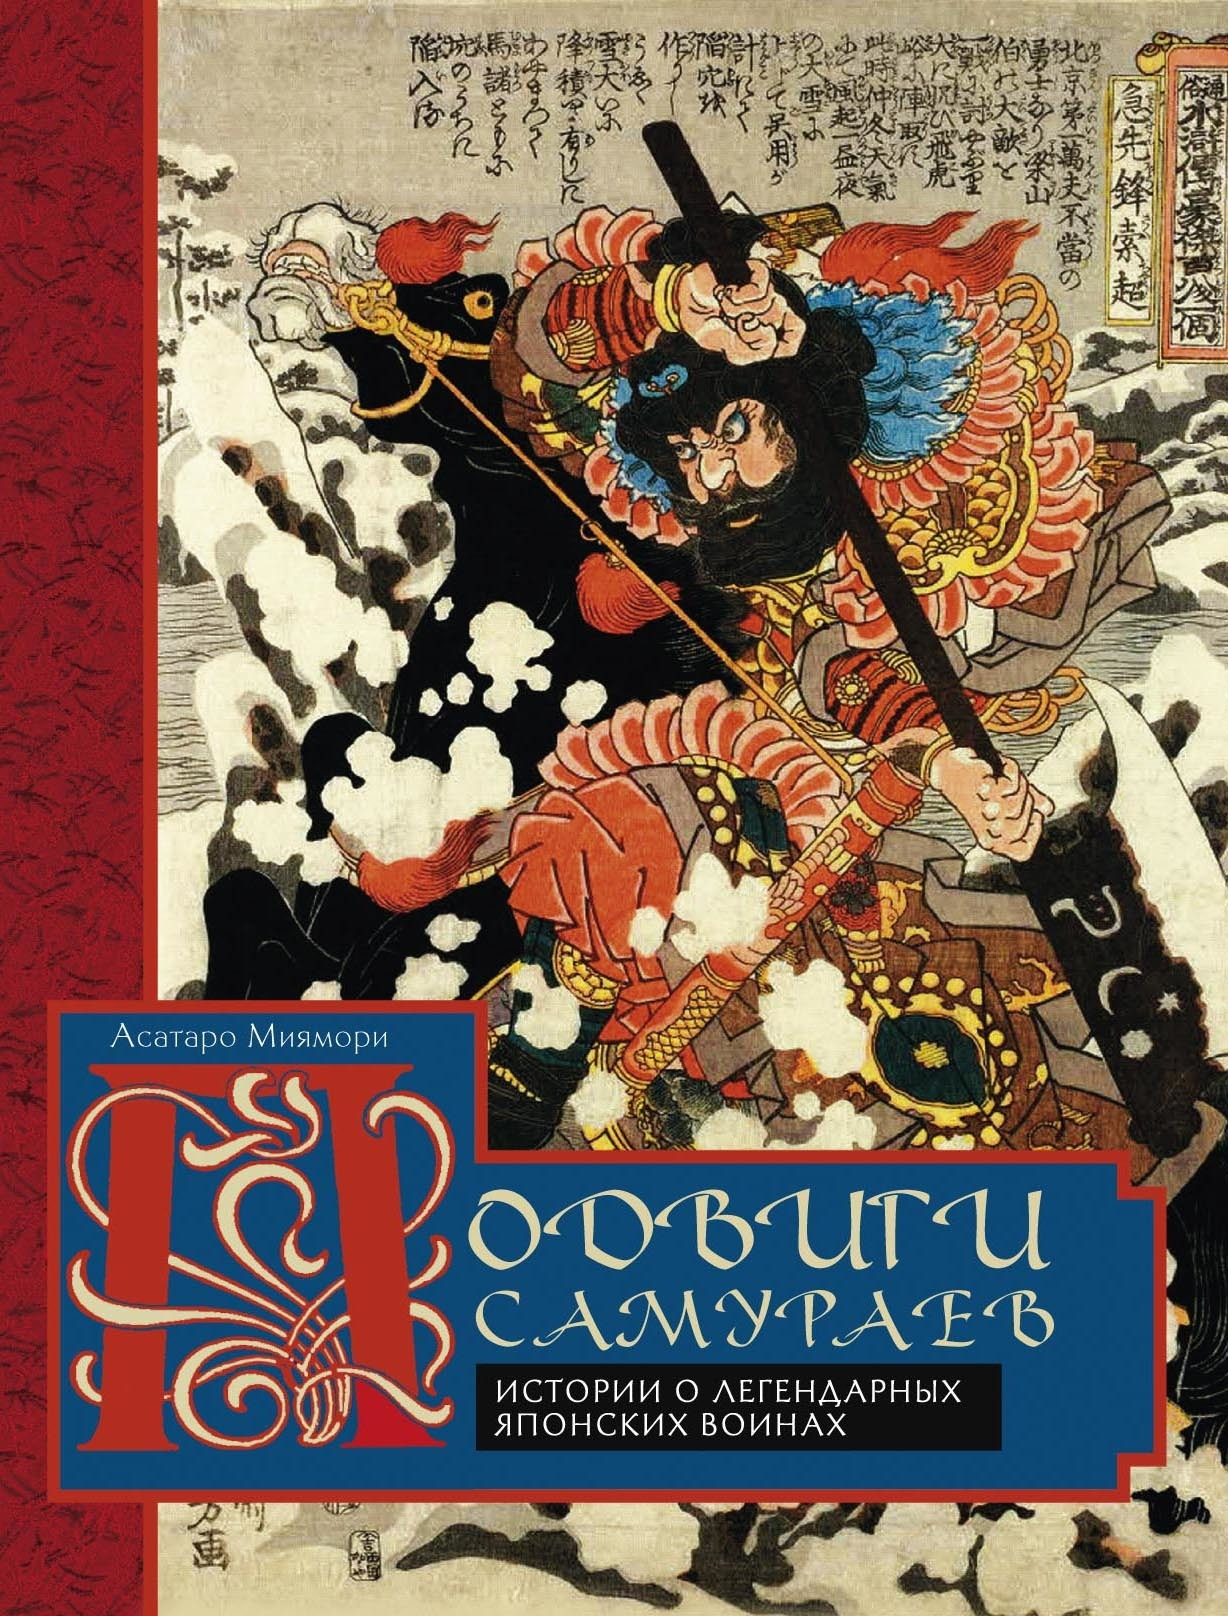 Асатаро Миямори. Подвиги самураев. Истории о легендарных японских воинах